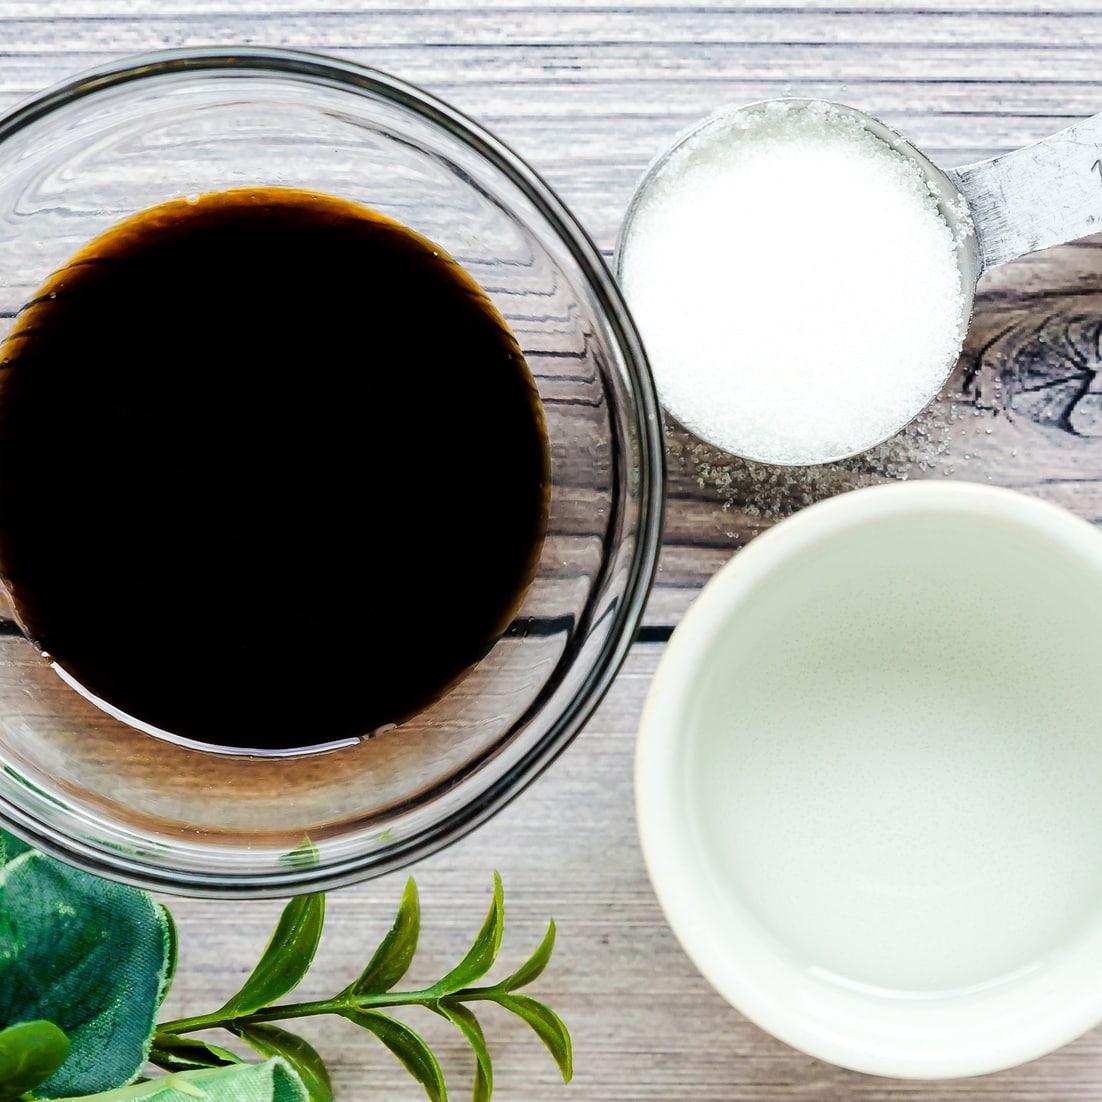 Ingredients for Japanese donburi sauce in measuring bowls